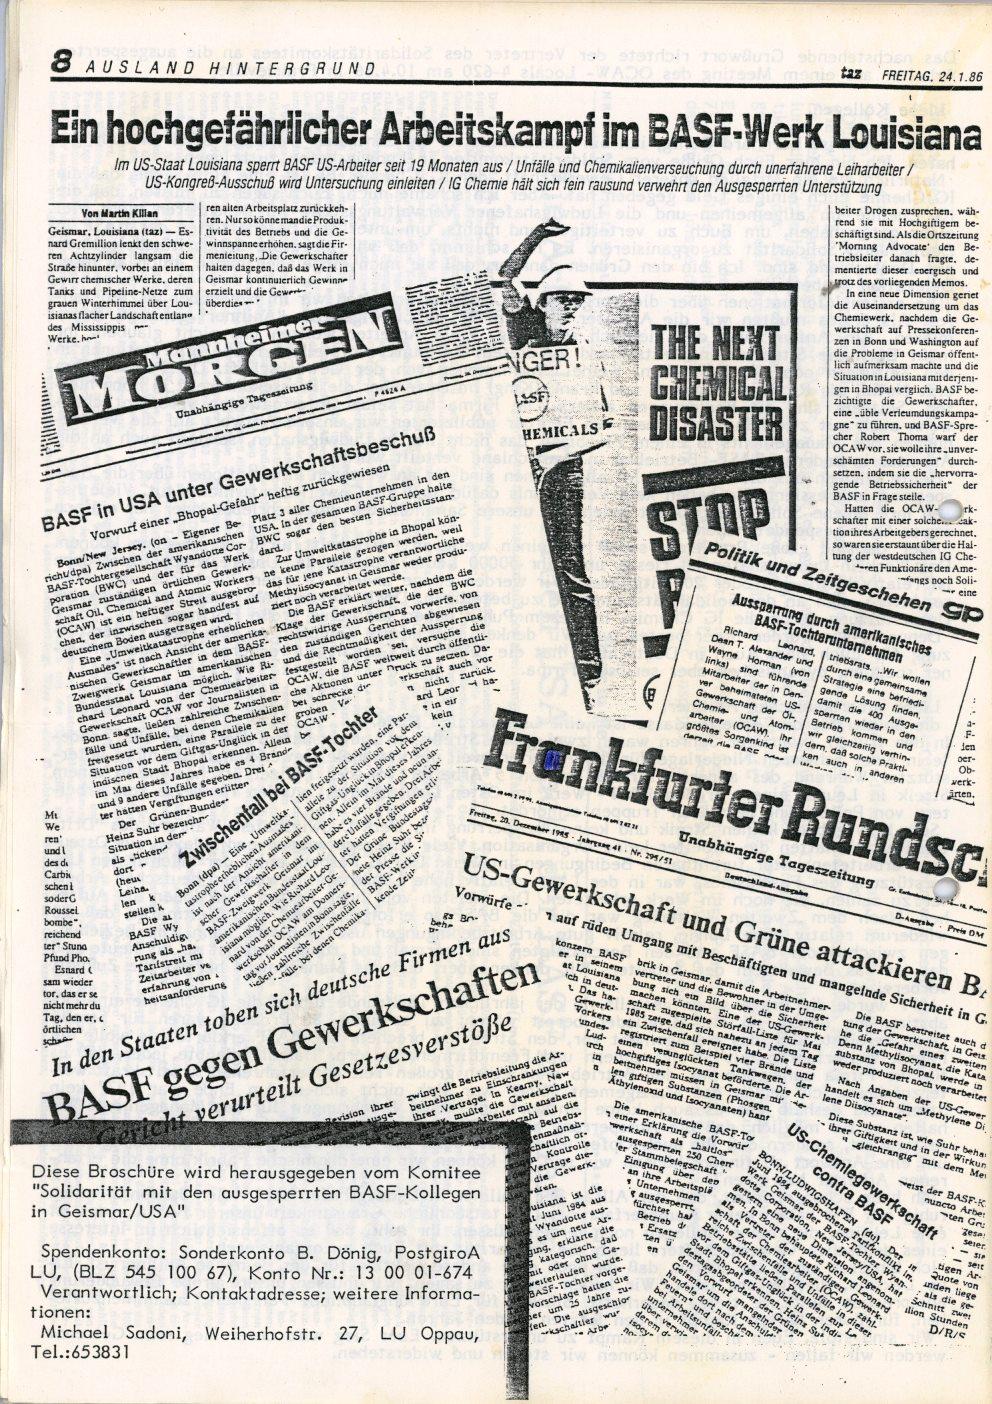 USA_BASF_Aussperrung_in_Geismar_1986_2_16